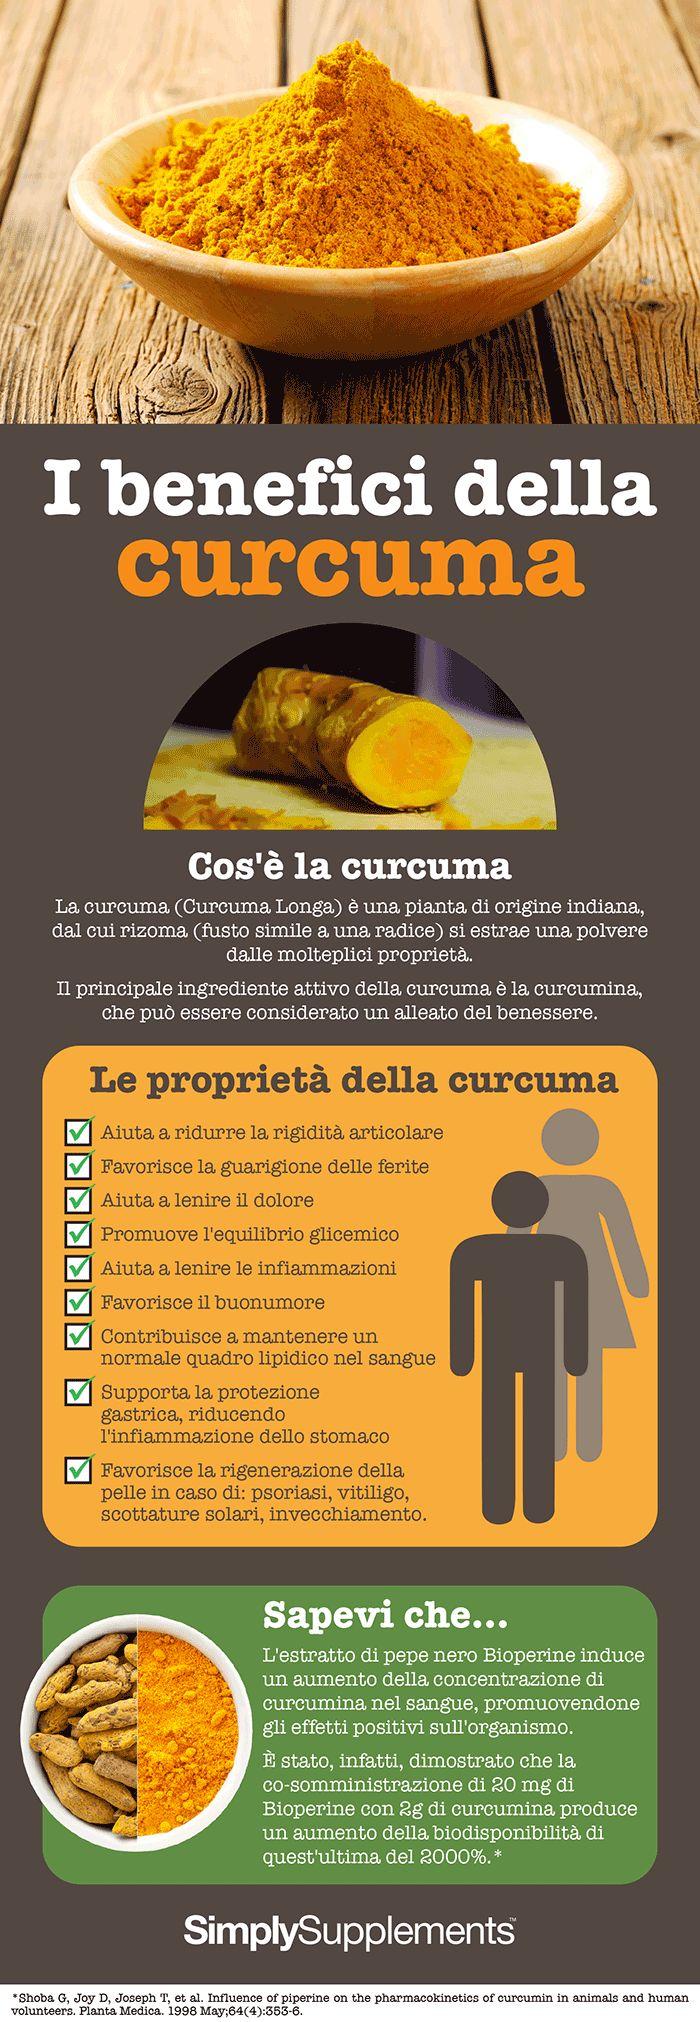 Un'alleata del benessere! #curcuma #infographic #antinfiammatorionaturale